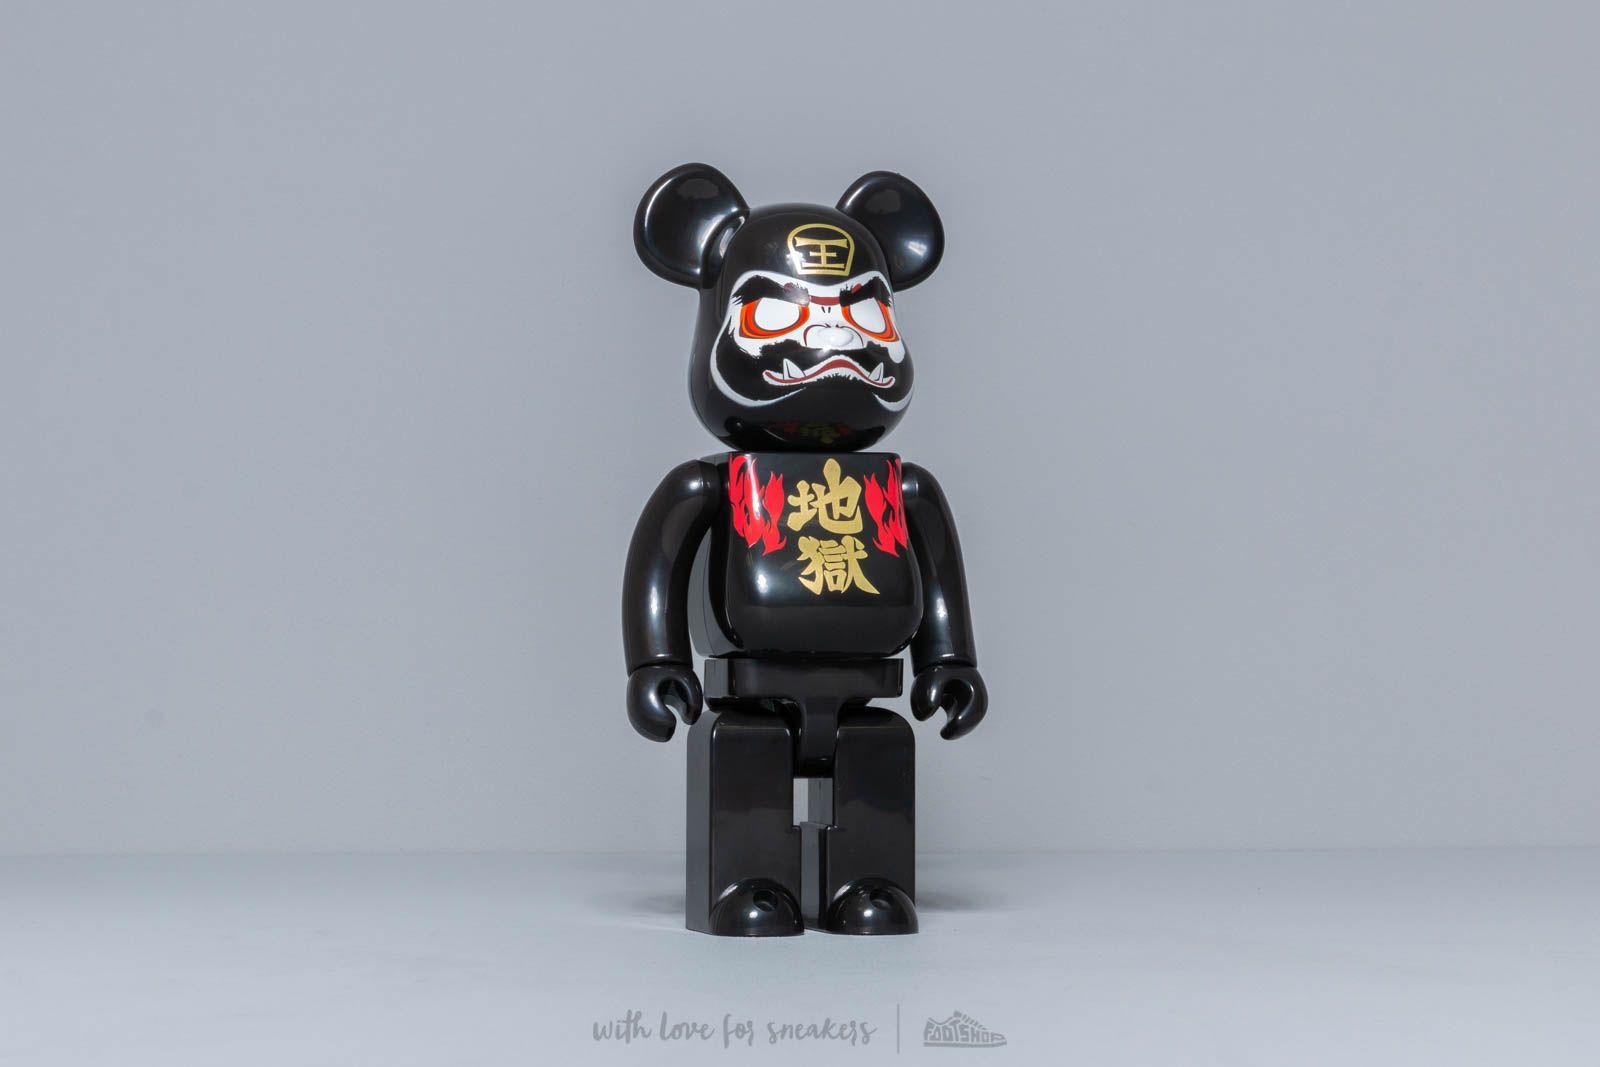 Medicom Toy Bearbrick Sick's Spec Hell Daruma 400% za skvelú cenu 143 € kúpite na Footshop.sk